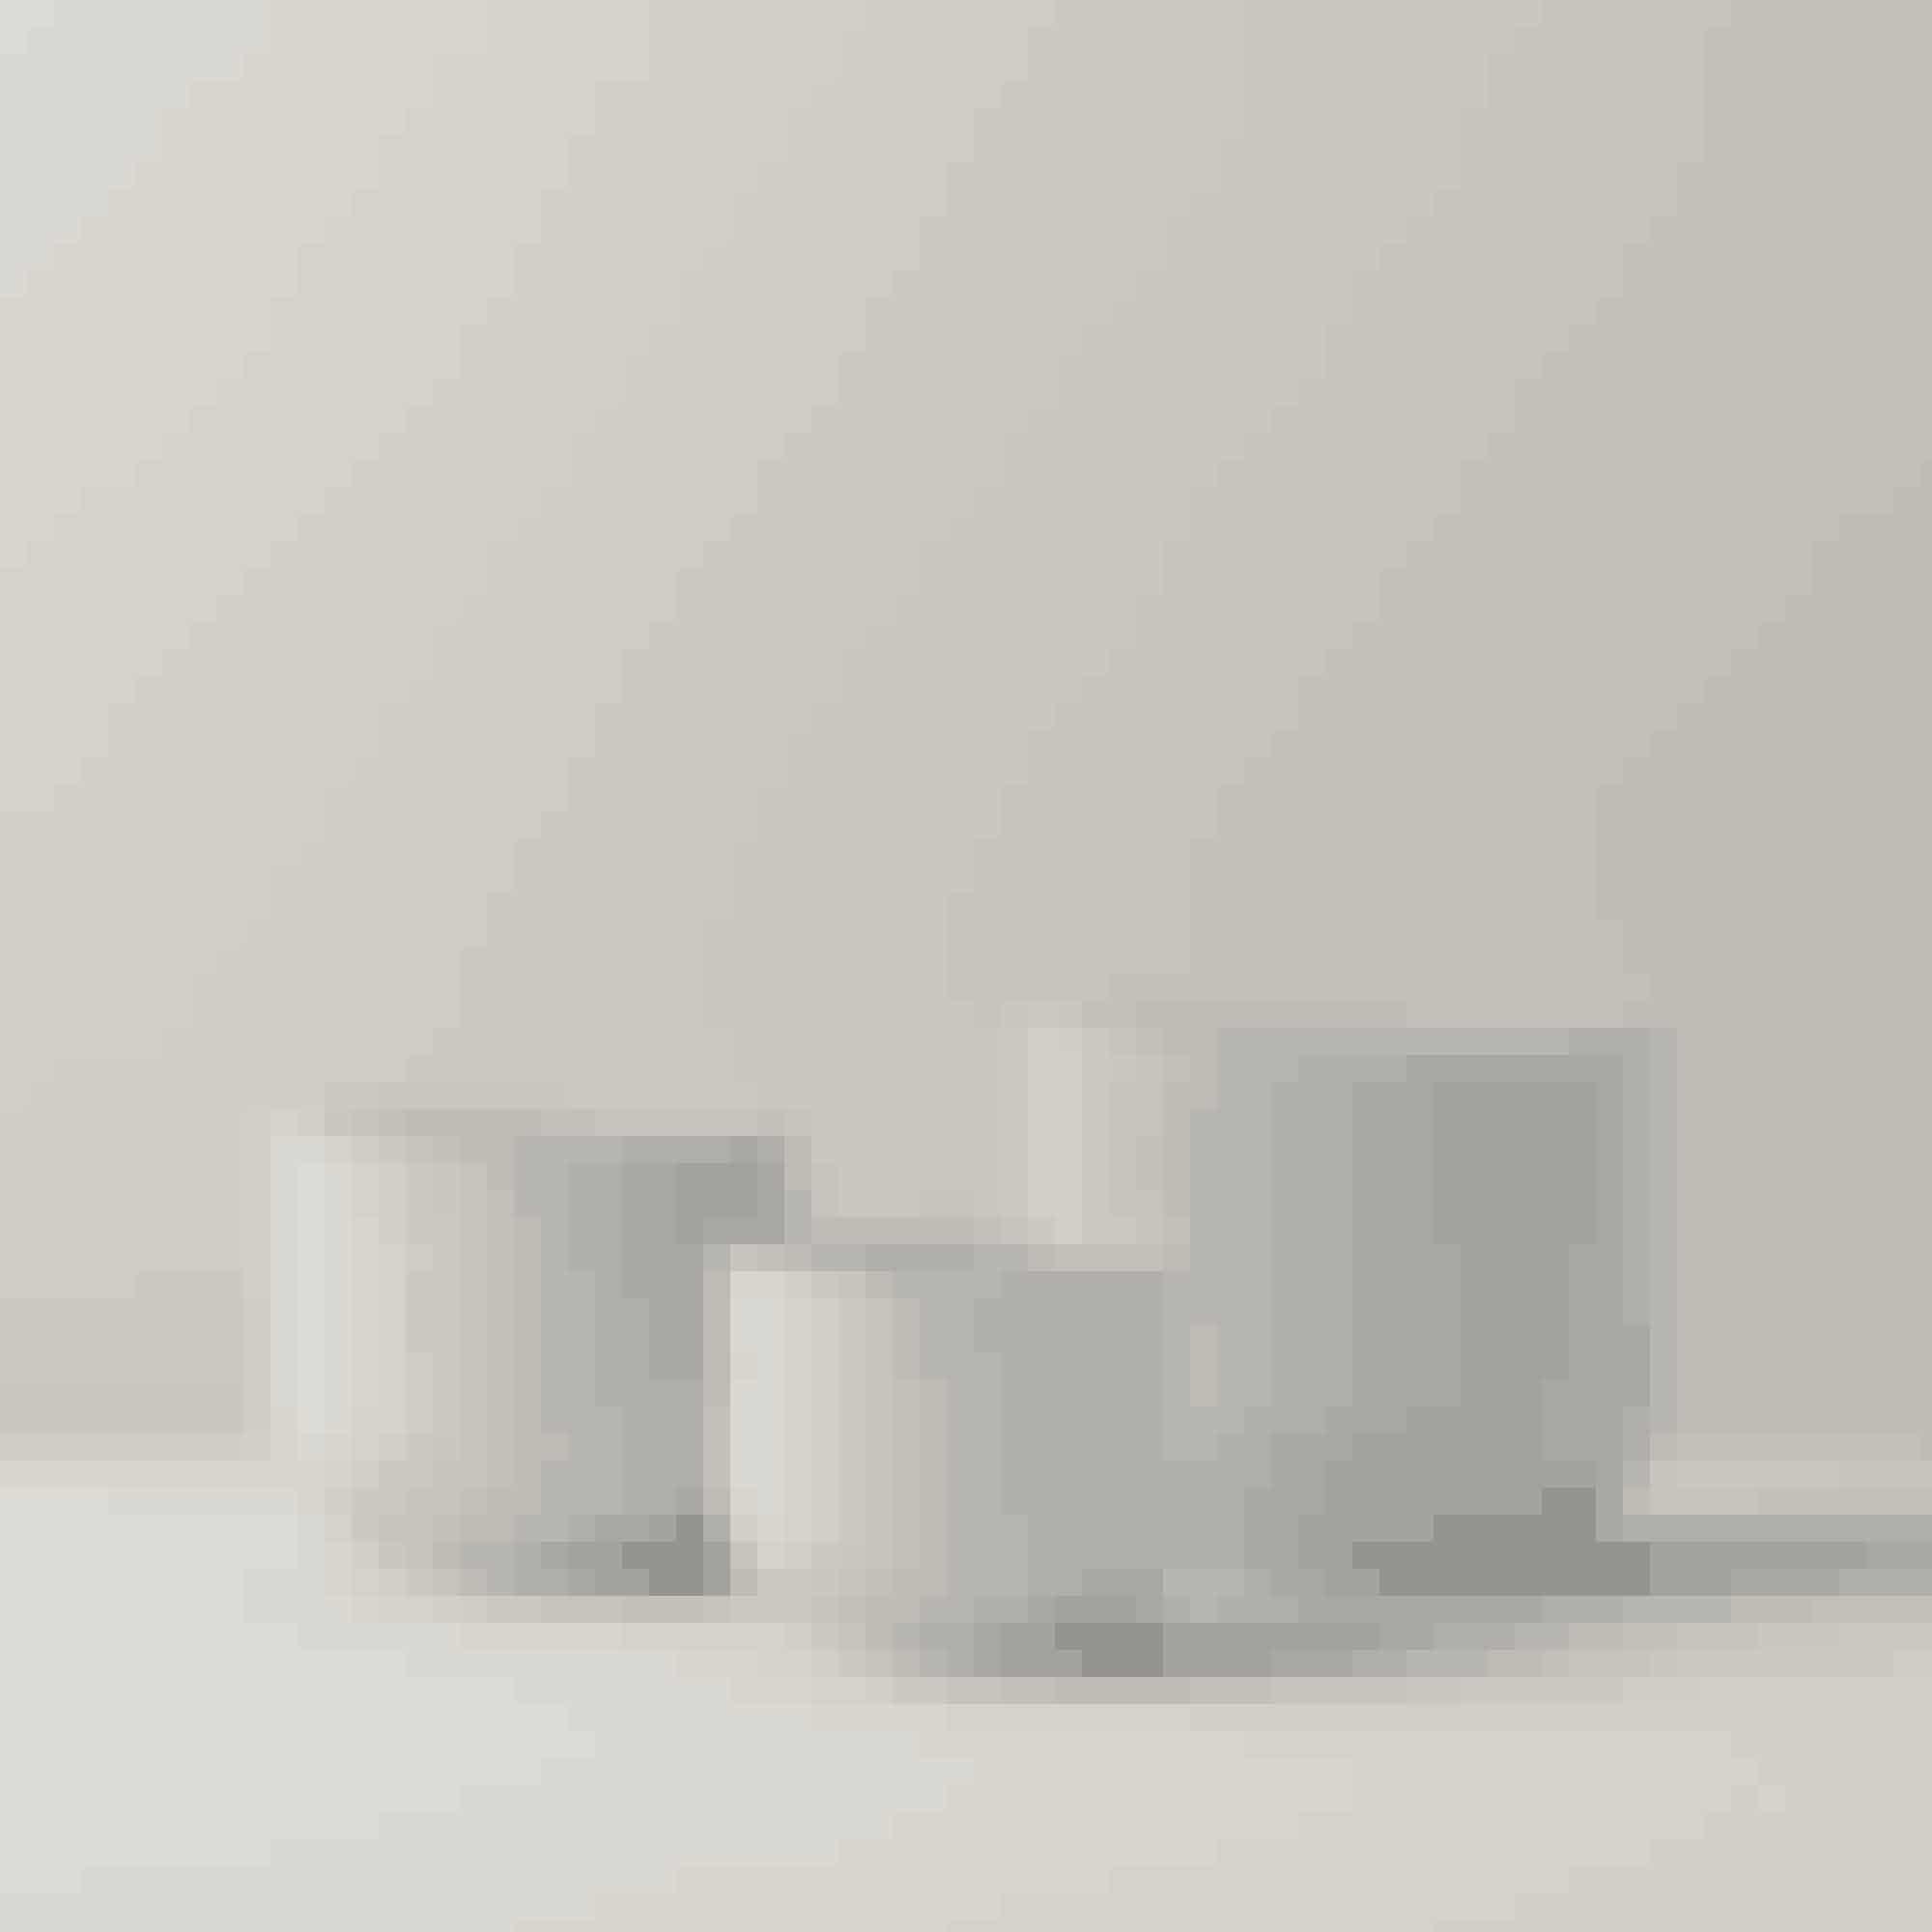 Klassiske og enkle urtepotter, findes i forskellige størrelser, fra 149 kr. Lyngby Porcelæn.Køb dem her!